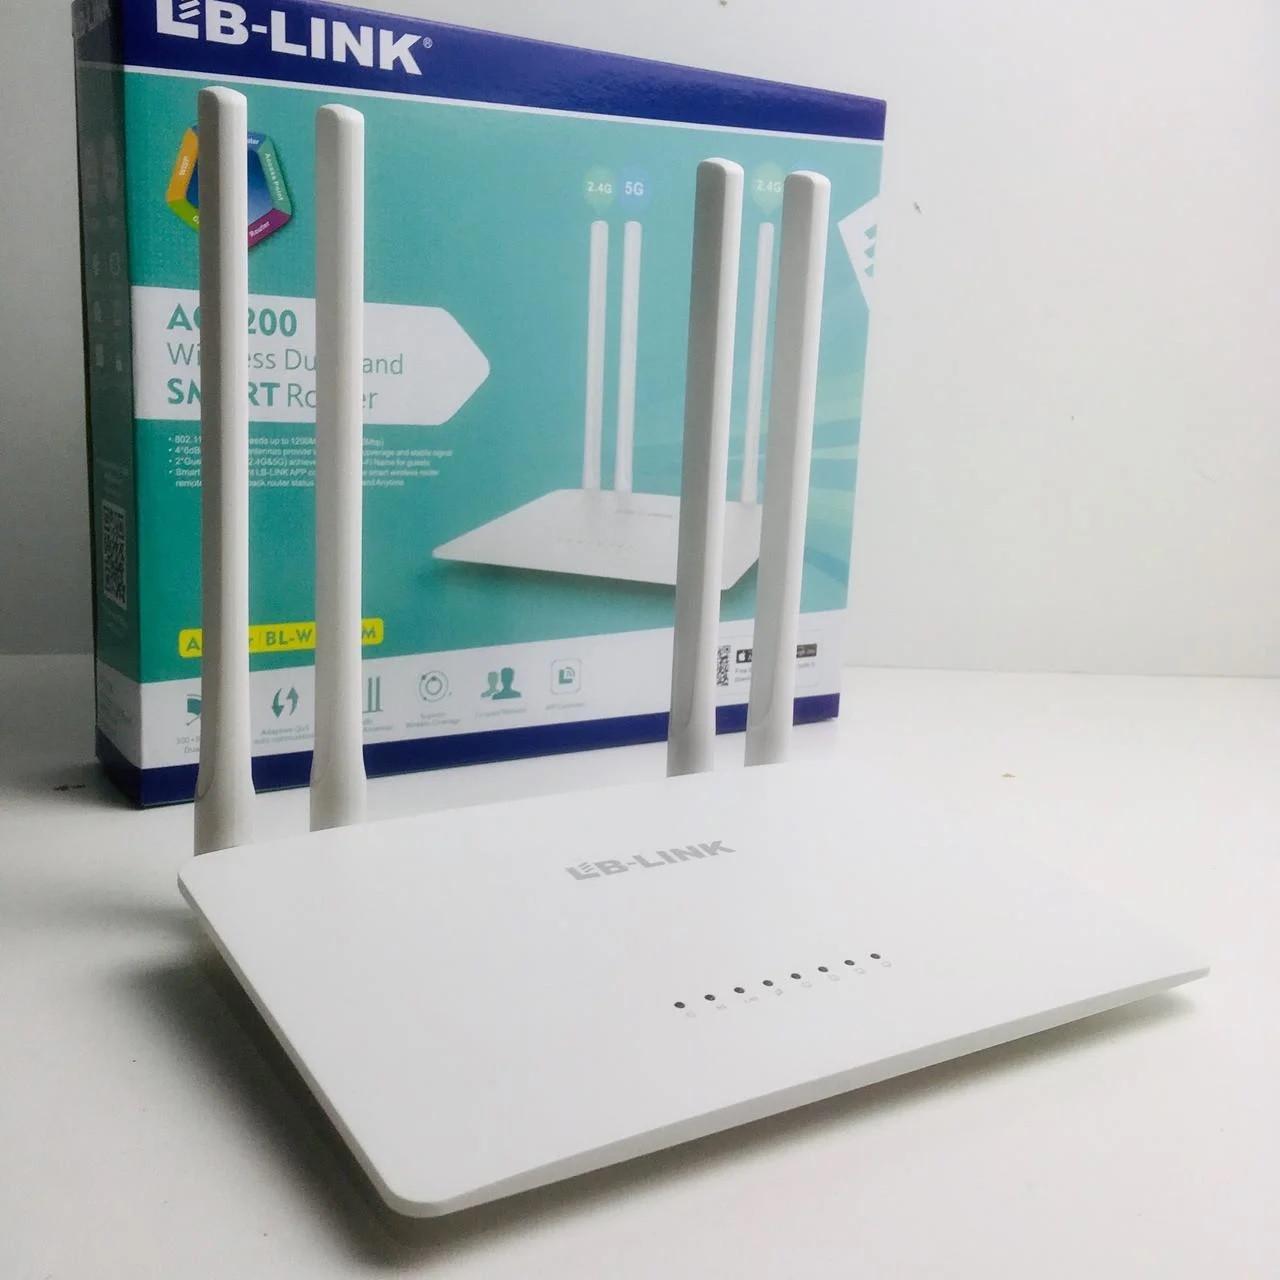 Wi-Fi роутер LB-Link BL-W121OM AC 1200Mbps, двухдиапазонный беспроводной сети маршрутизатор для дома